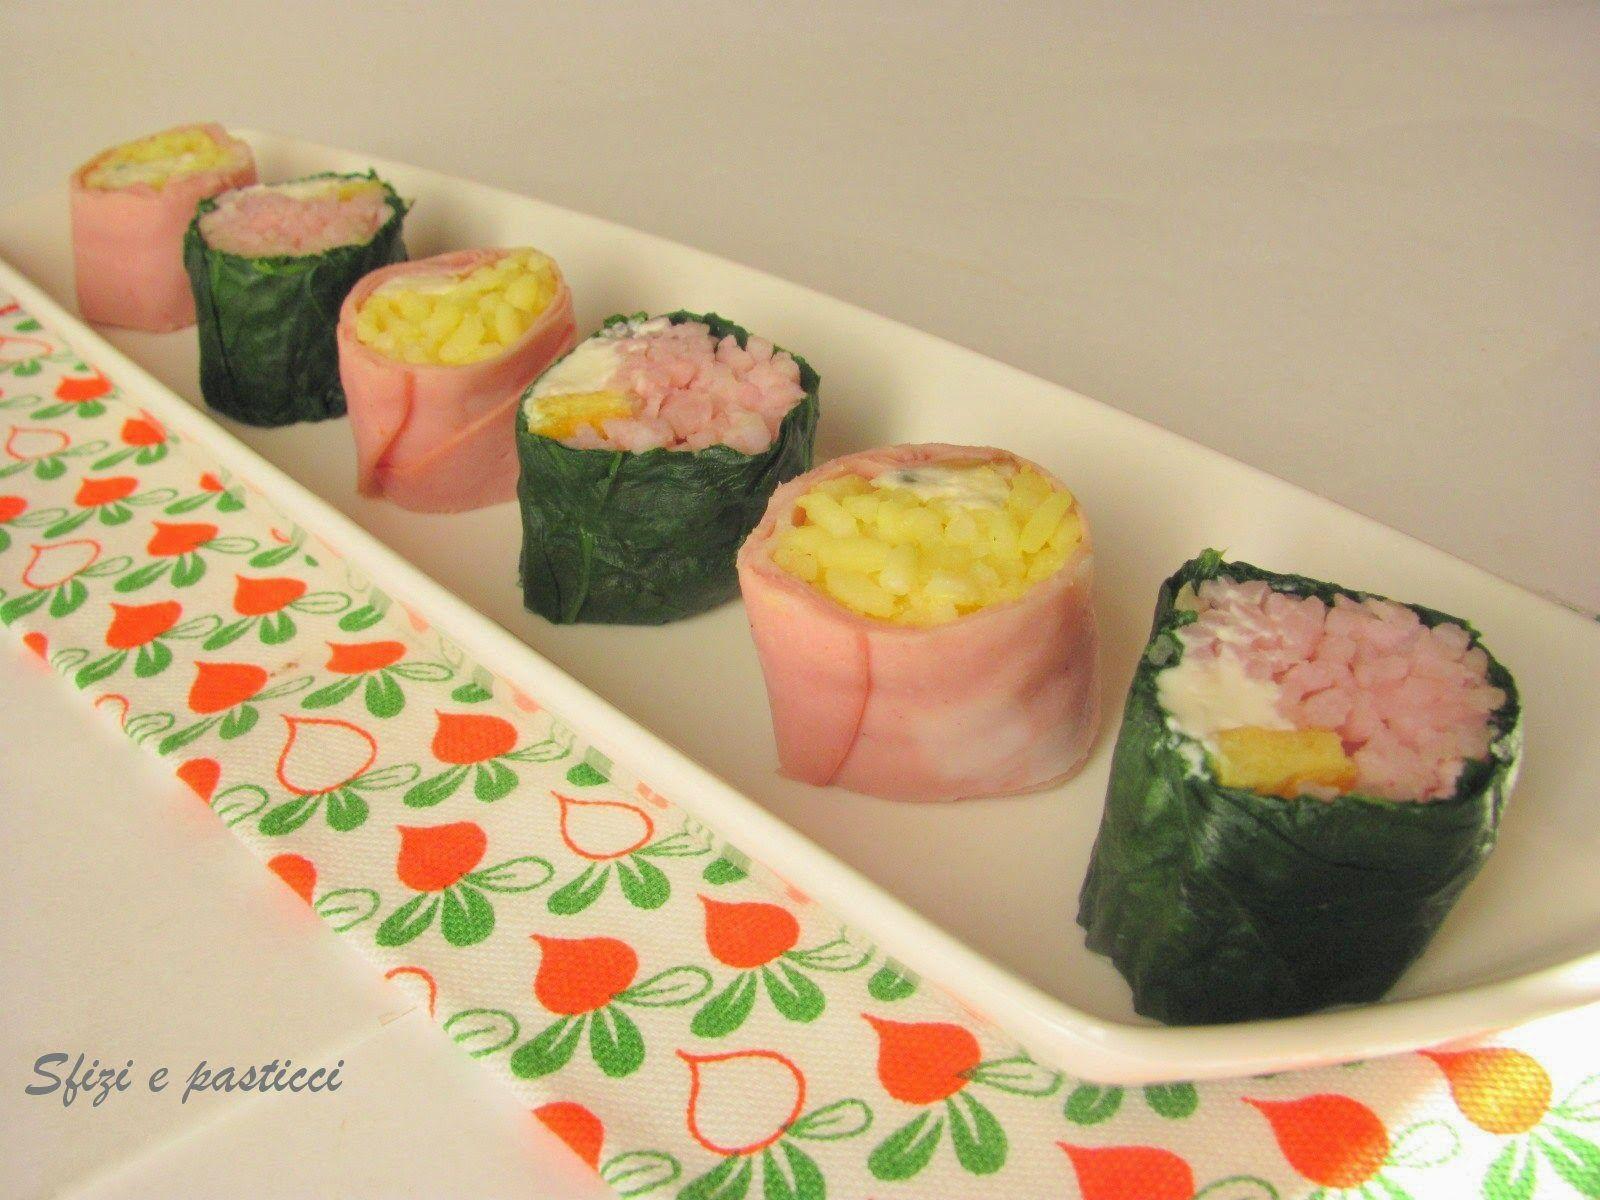 Sfizi e pasticci: Sushi si ma... italiano!